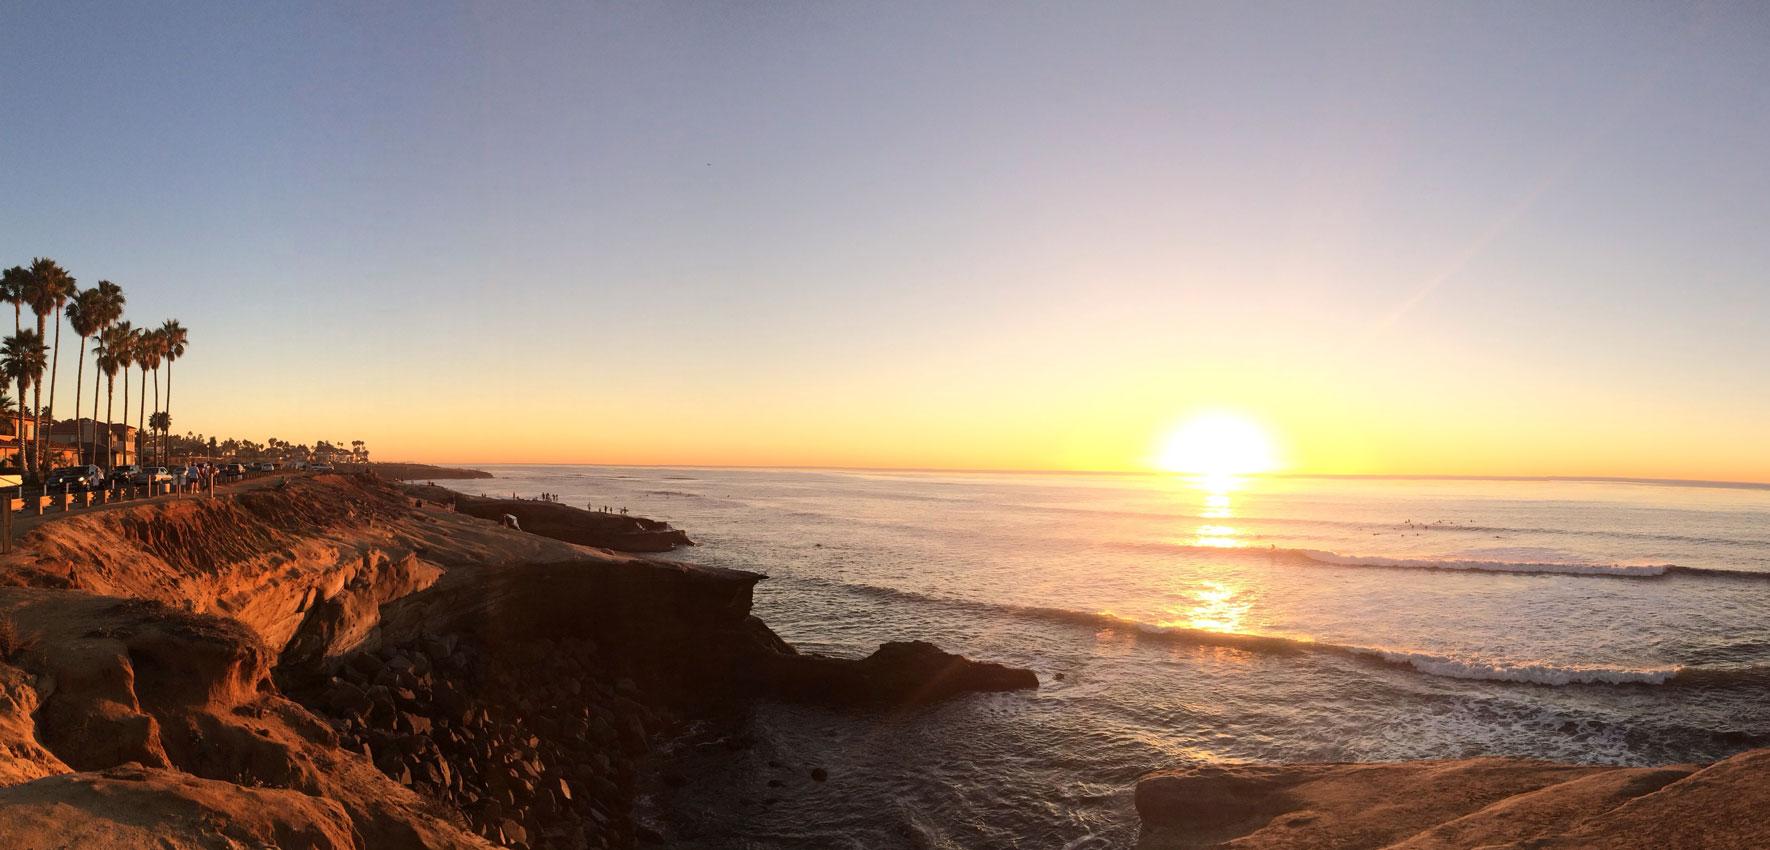 San Diego Sonnenuntergang (Adobe Stock ID : 60364058)